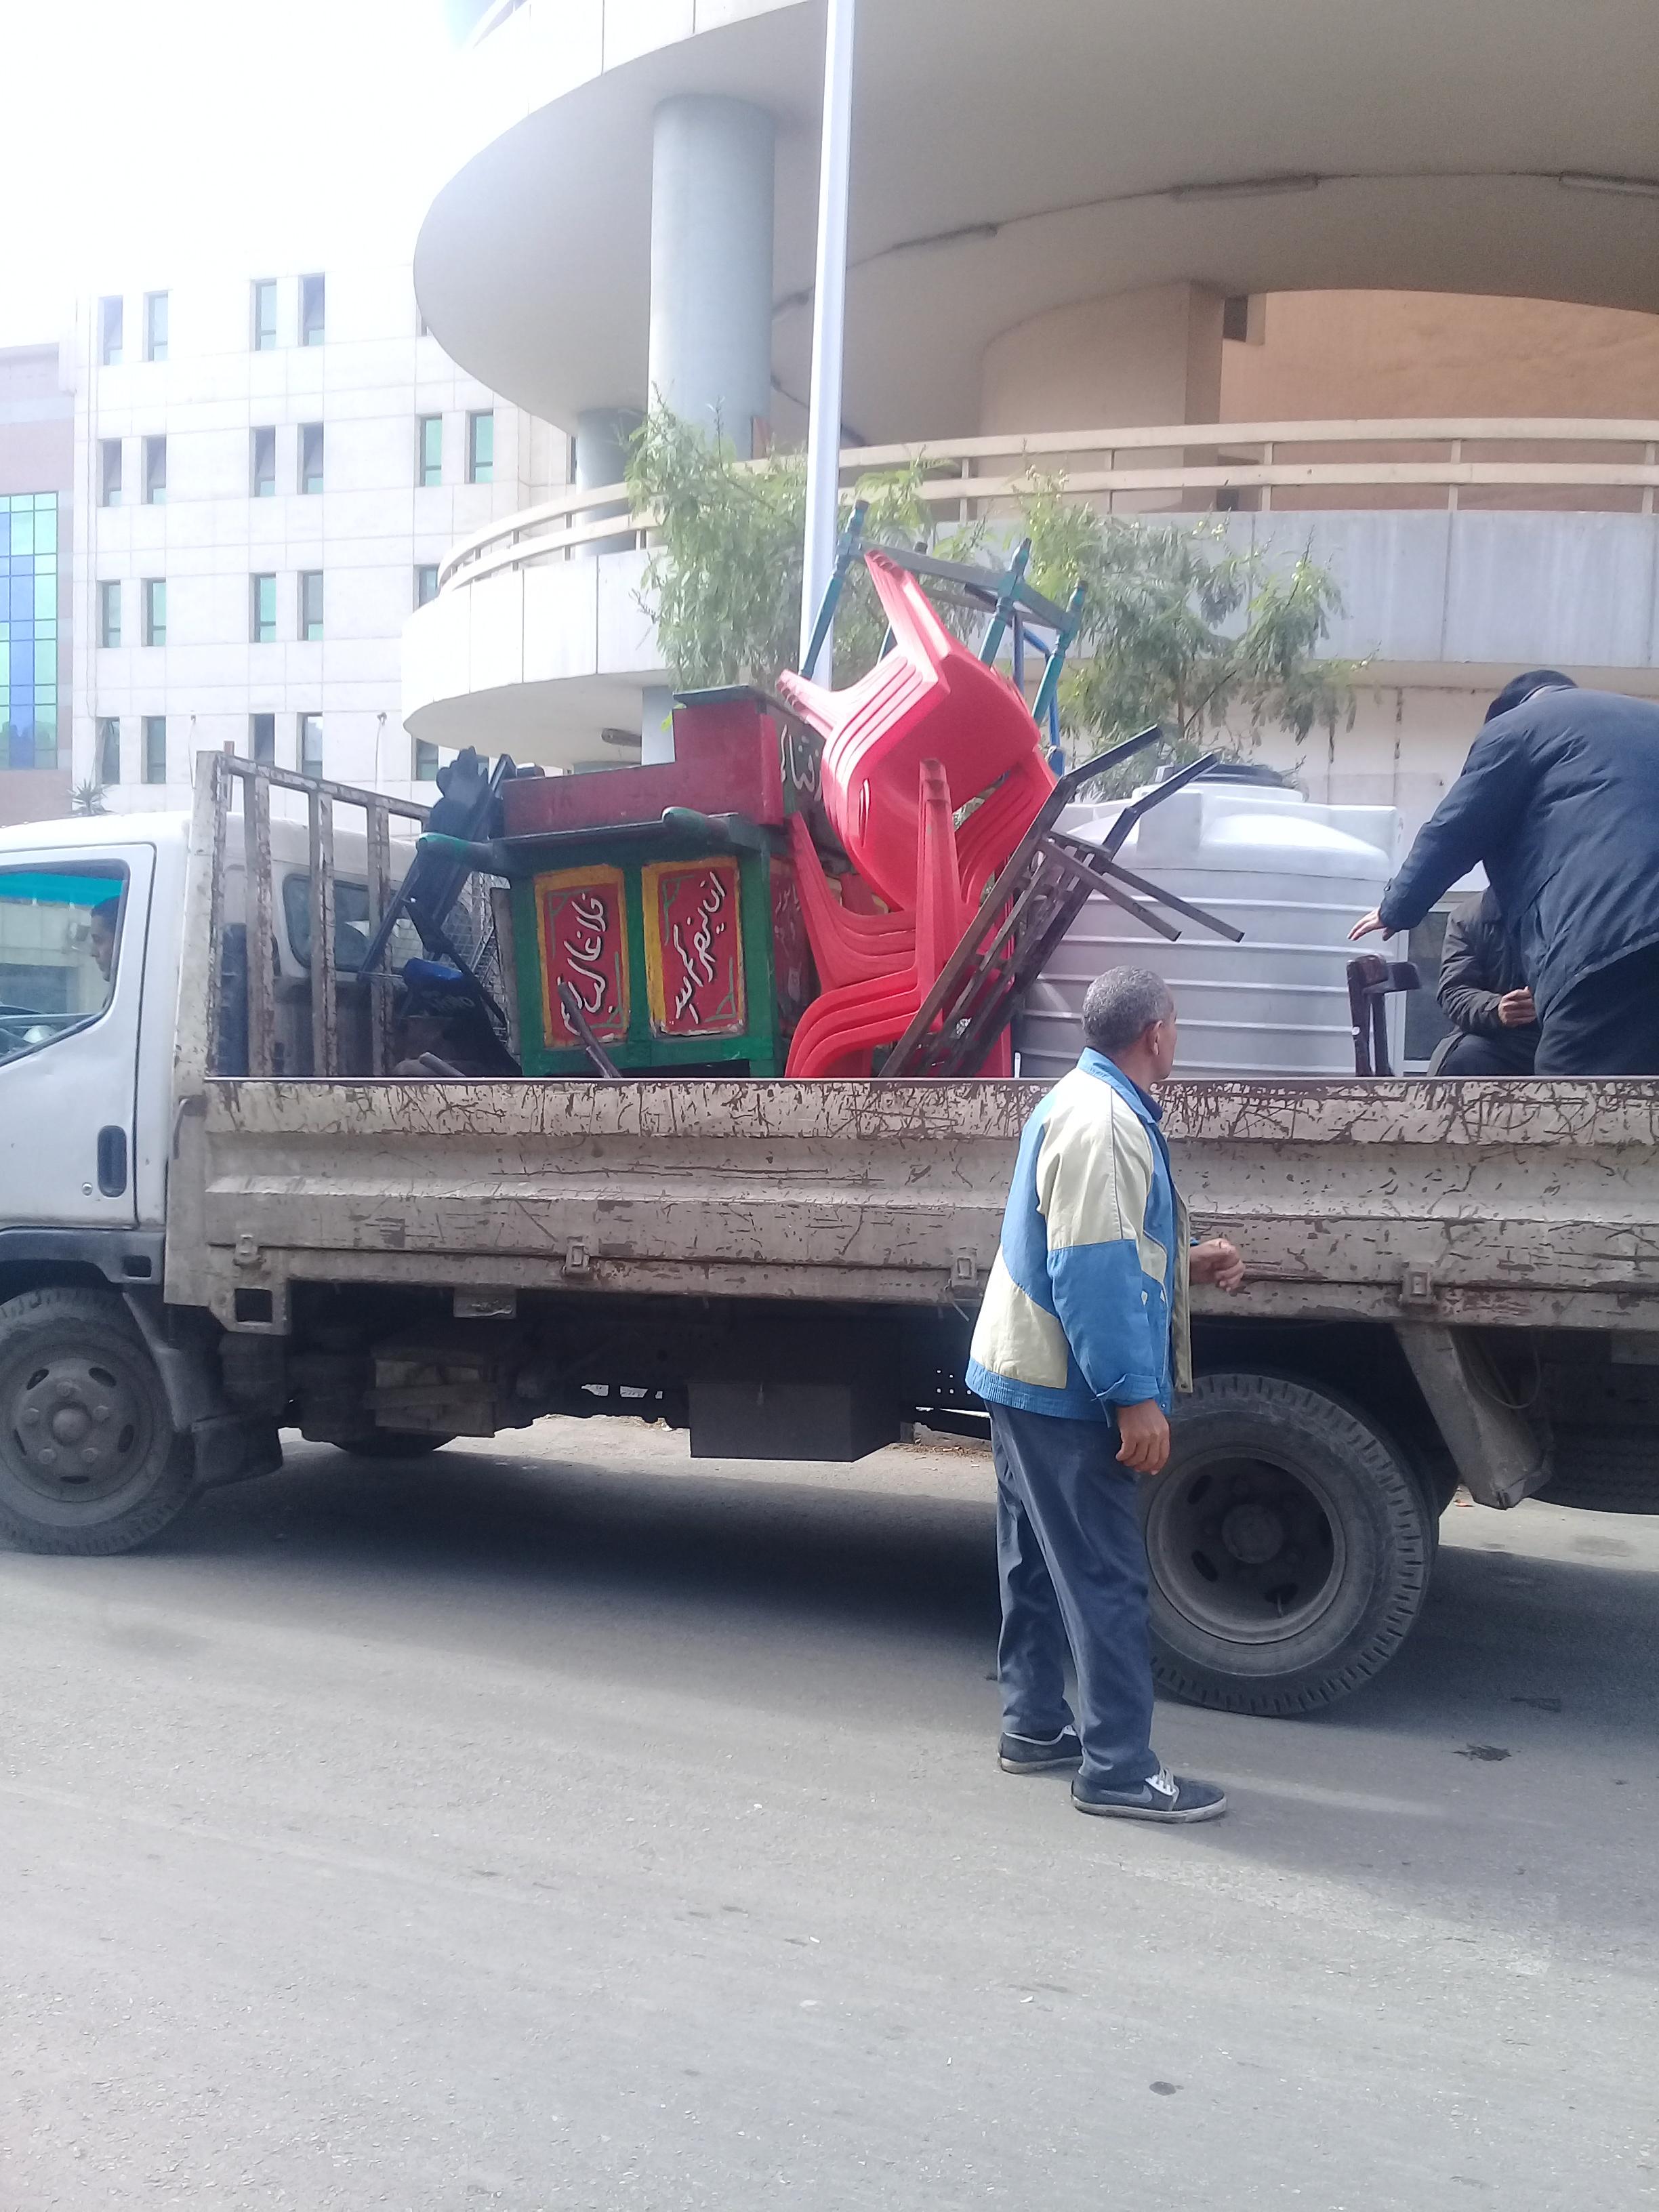 حملات امنية لتطهير شوراع وميادين القاهرة (5)